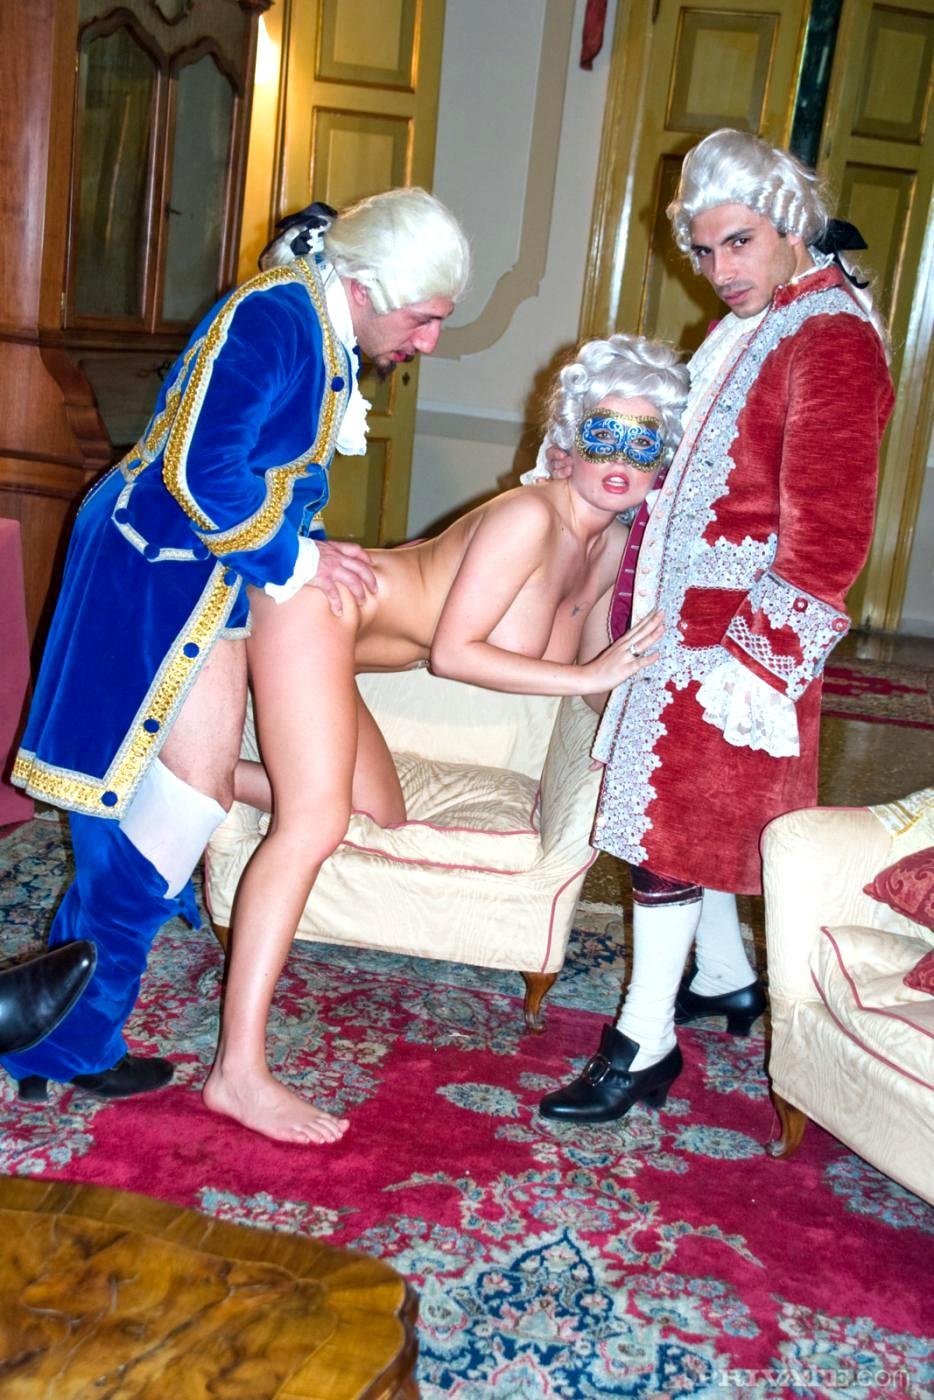 его придворные ебут королеву фото лесбиянки может ему